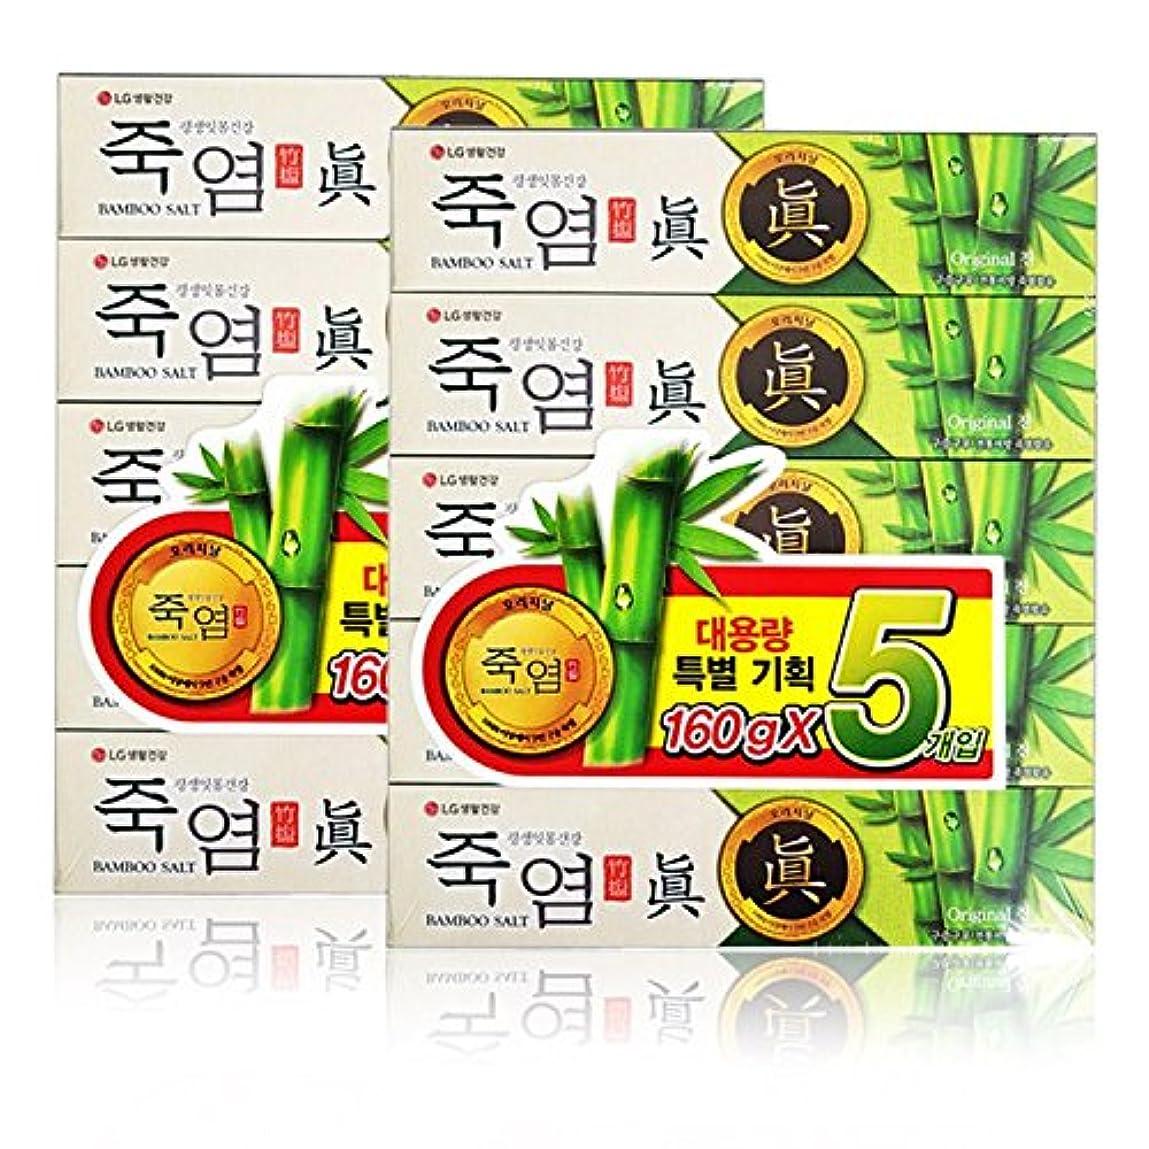 意図するアジア人粘液[LG電子の生活と健康] LG 竹塩オリジナル歯磨き粉160g*10つの(海外直送品)